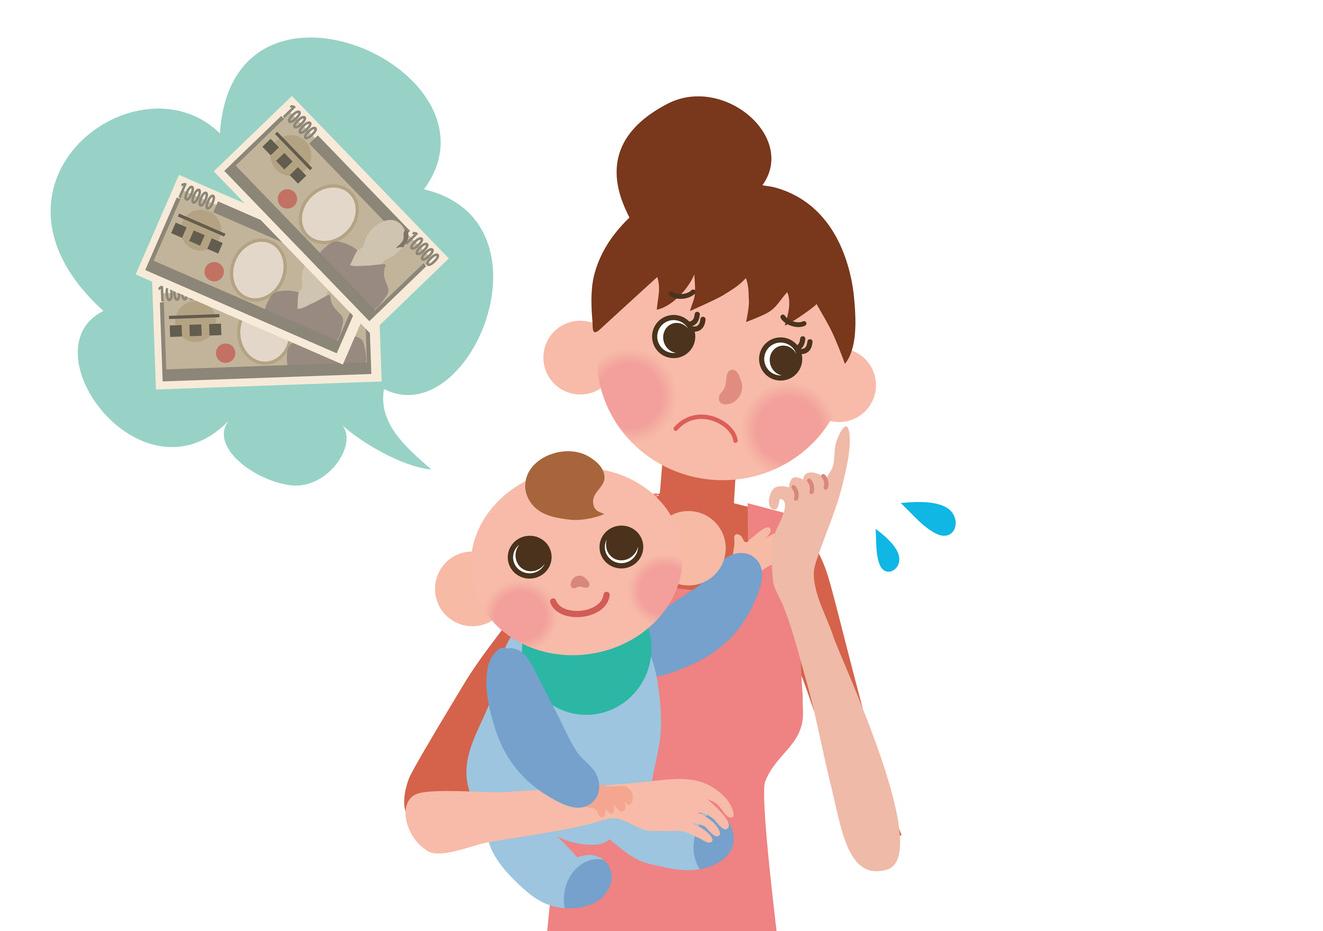 保活で高額な「認可外」に 退職するしかない? 賢い住まいのマネー術(1)